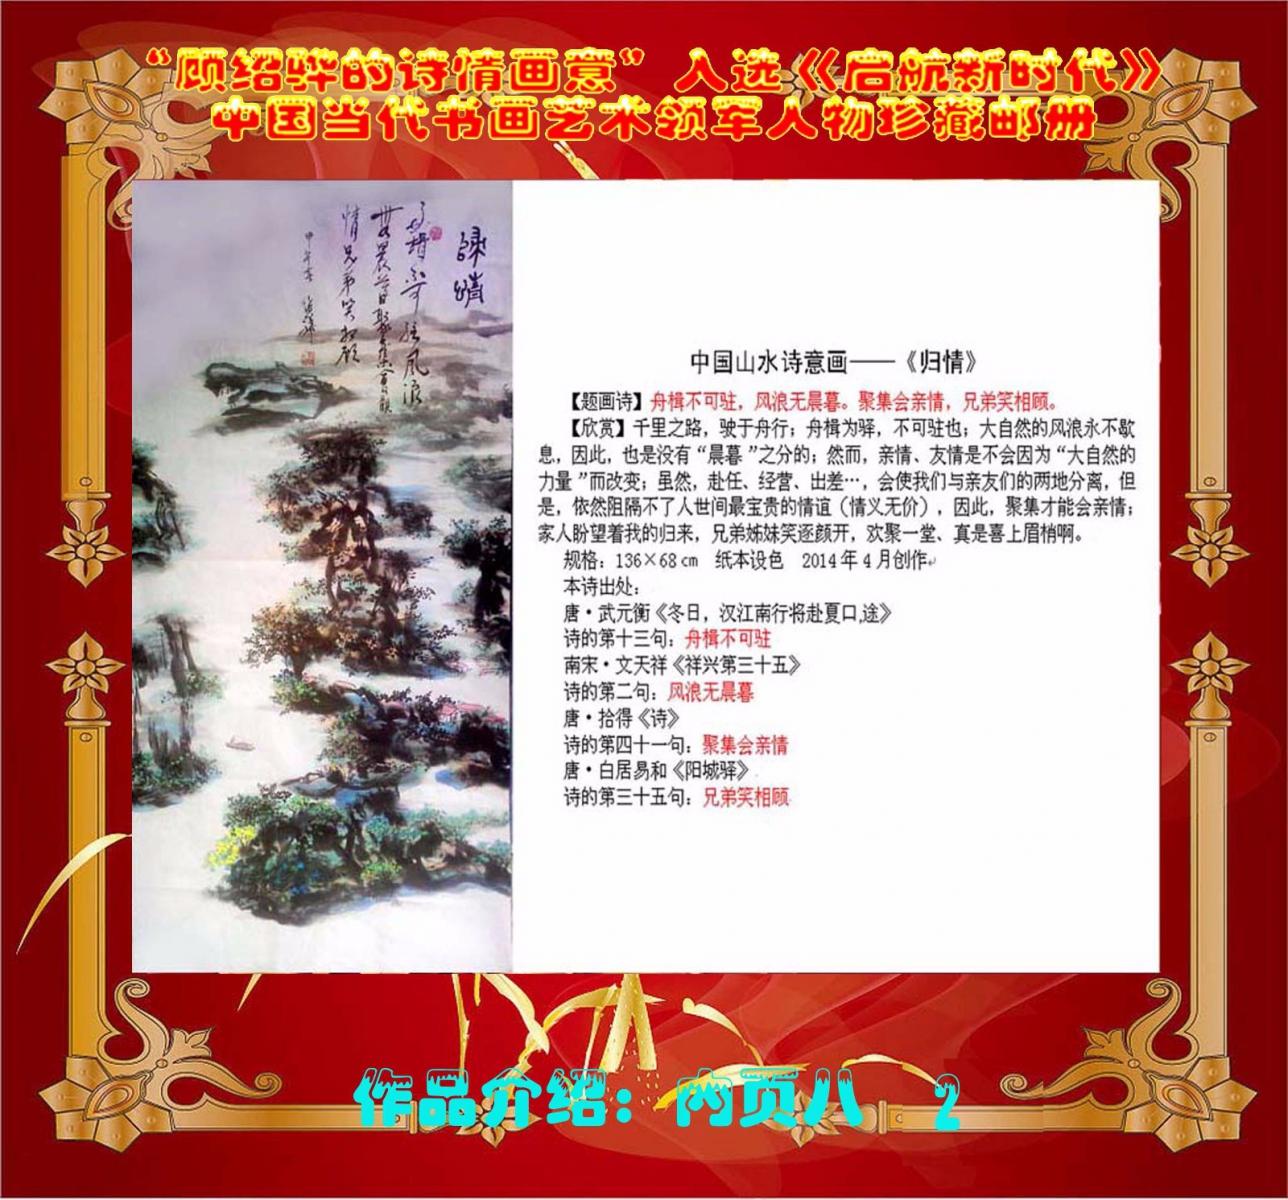 """""""顾绍骅的诗情画意""""入选《启航新时代》中国当代书画艺术领军人物珍藏集邮册 ... ..._图1-26"""